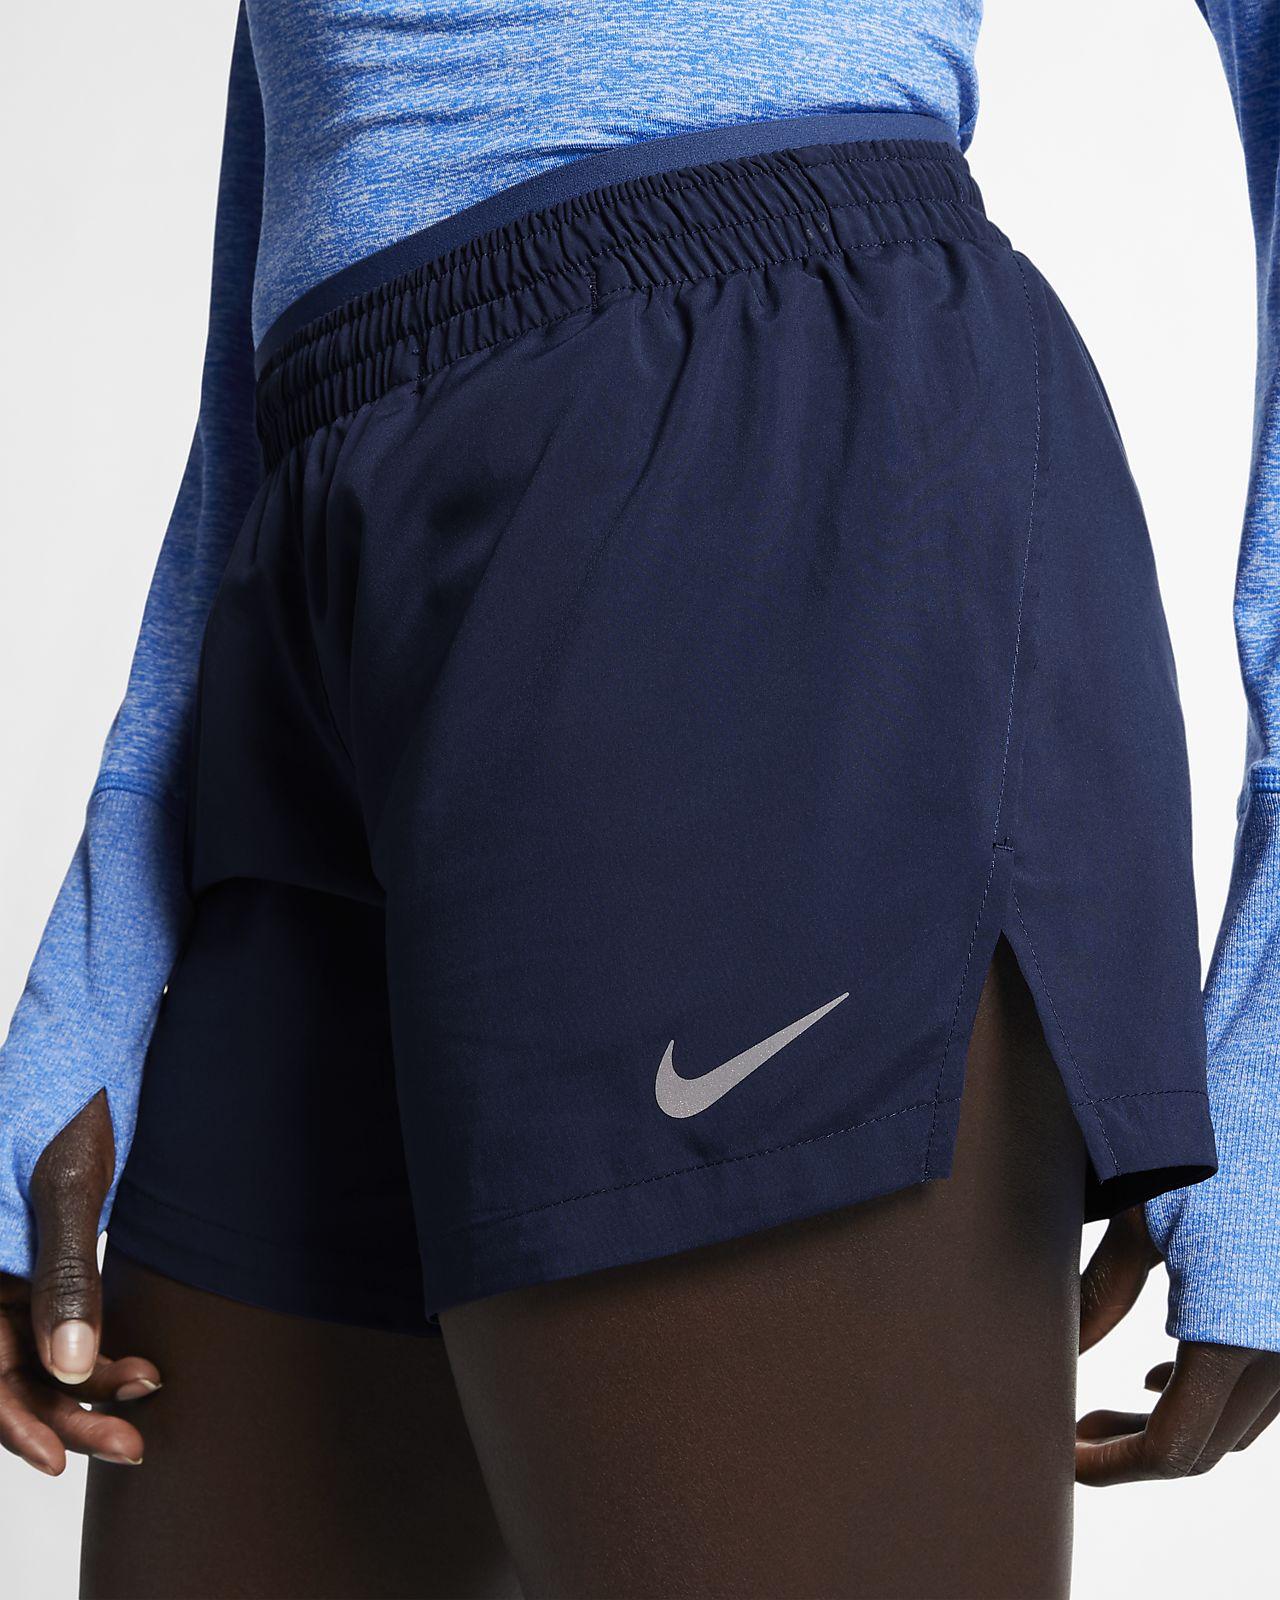 81c312931f606 Nike Elevate Women's 5